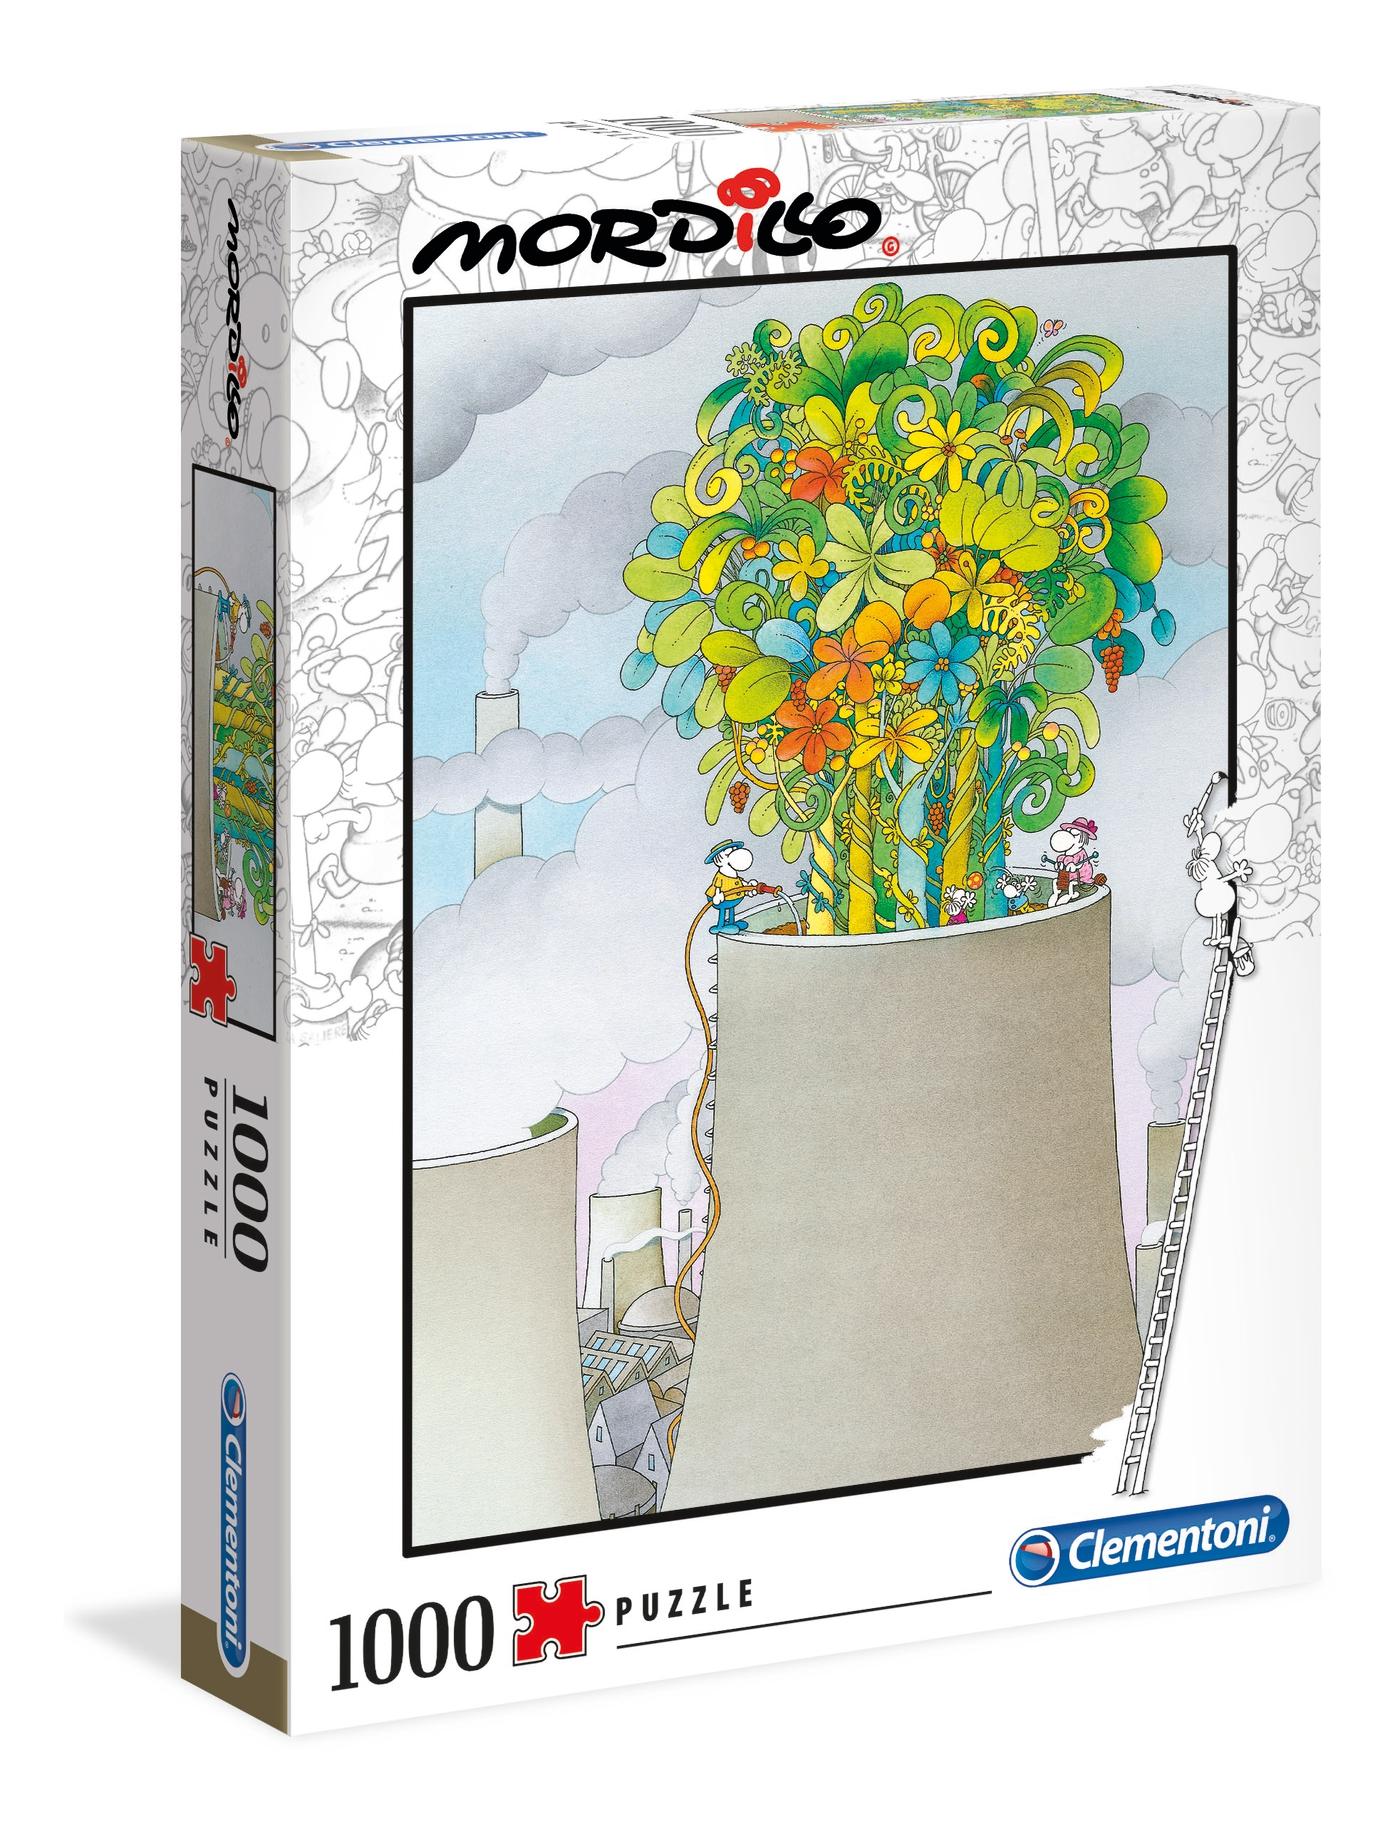 Mordillo La Cura   Puzzle Clementoni 1000 Piezas